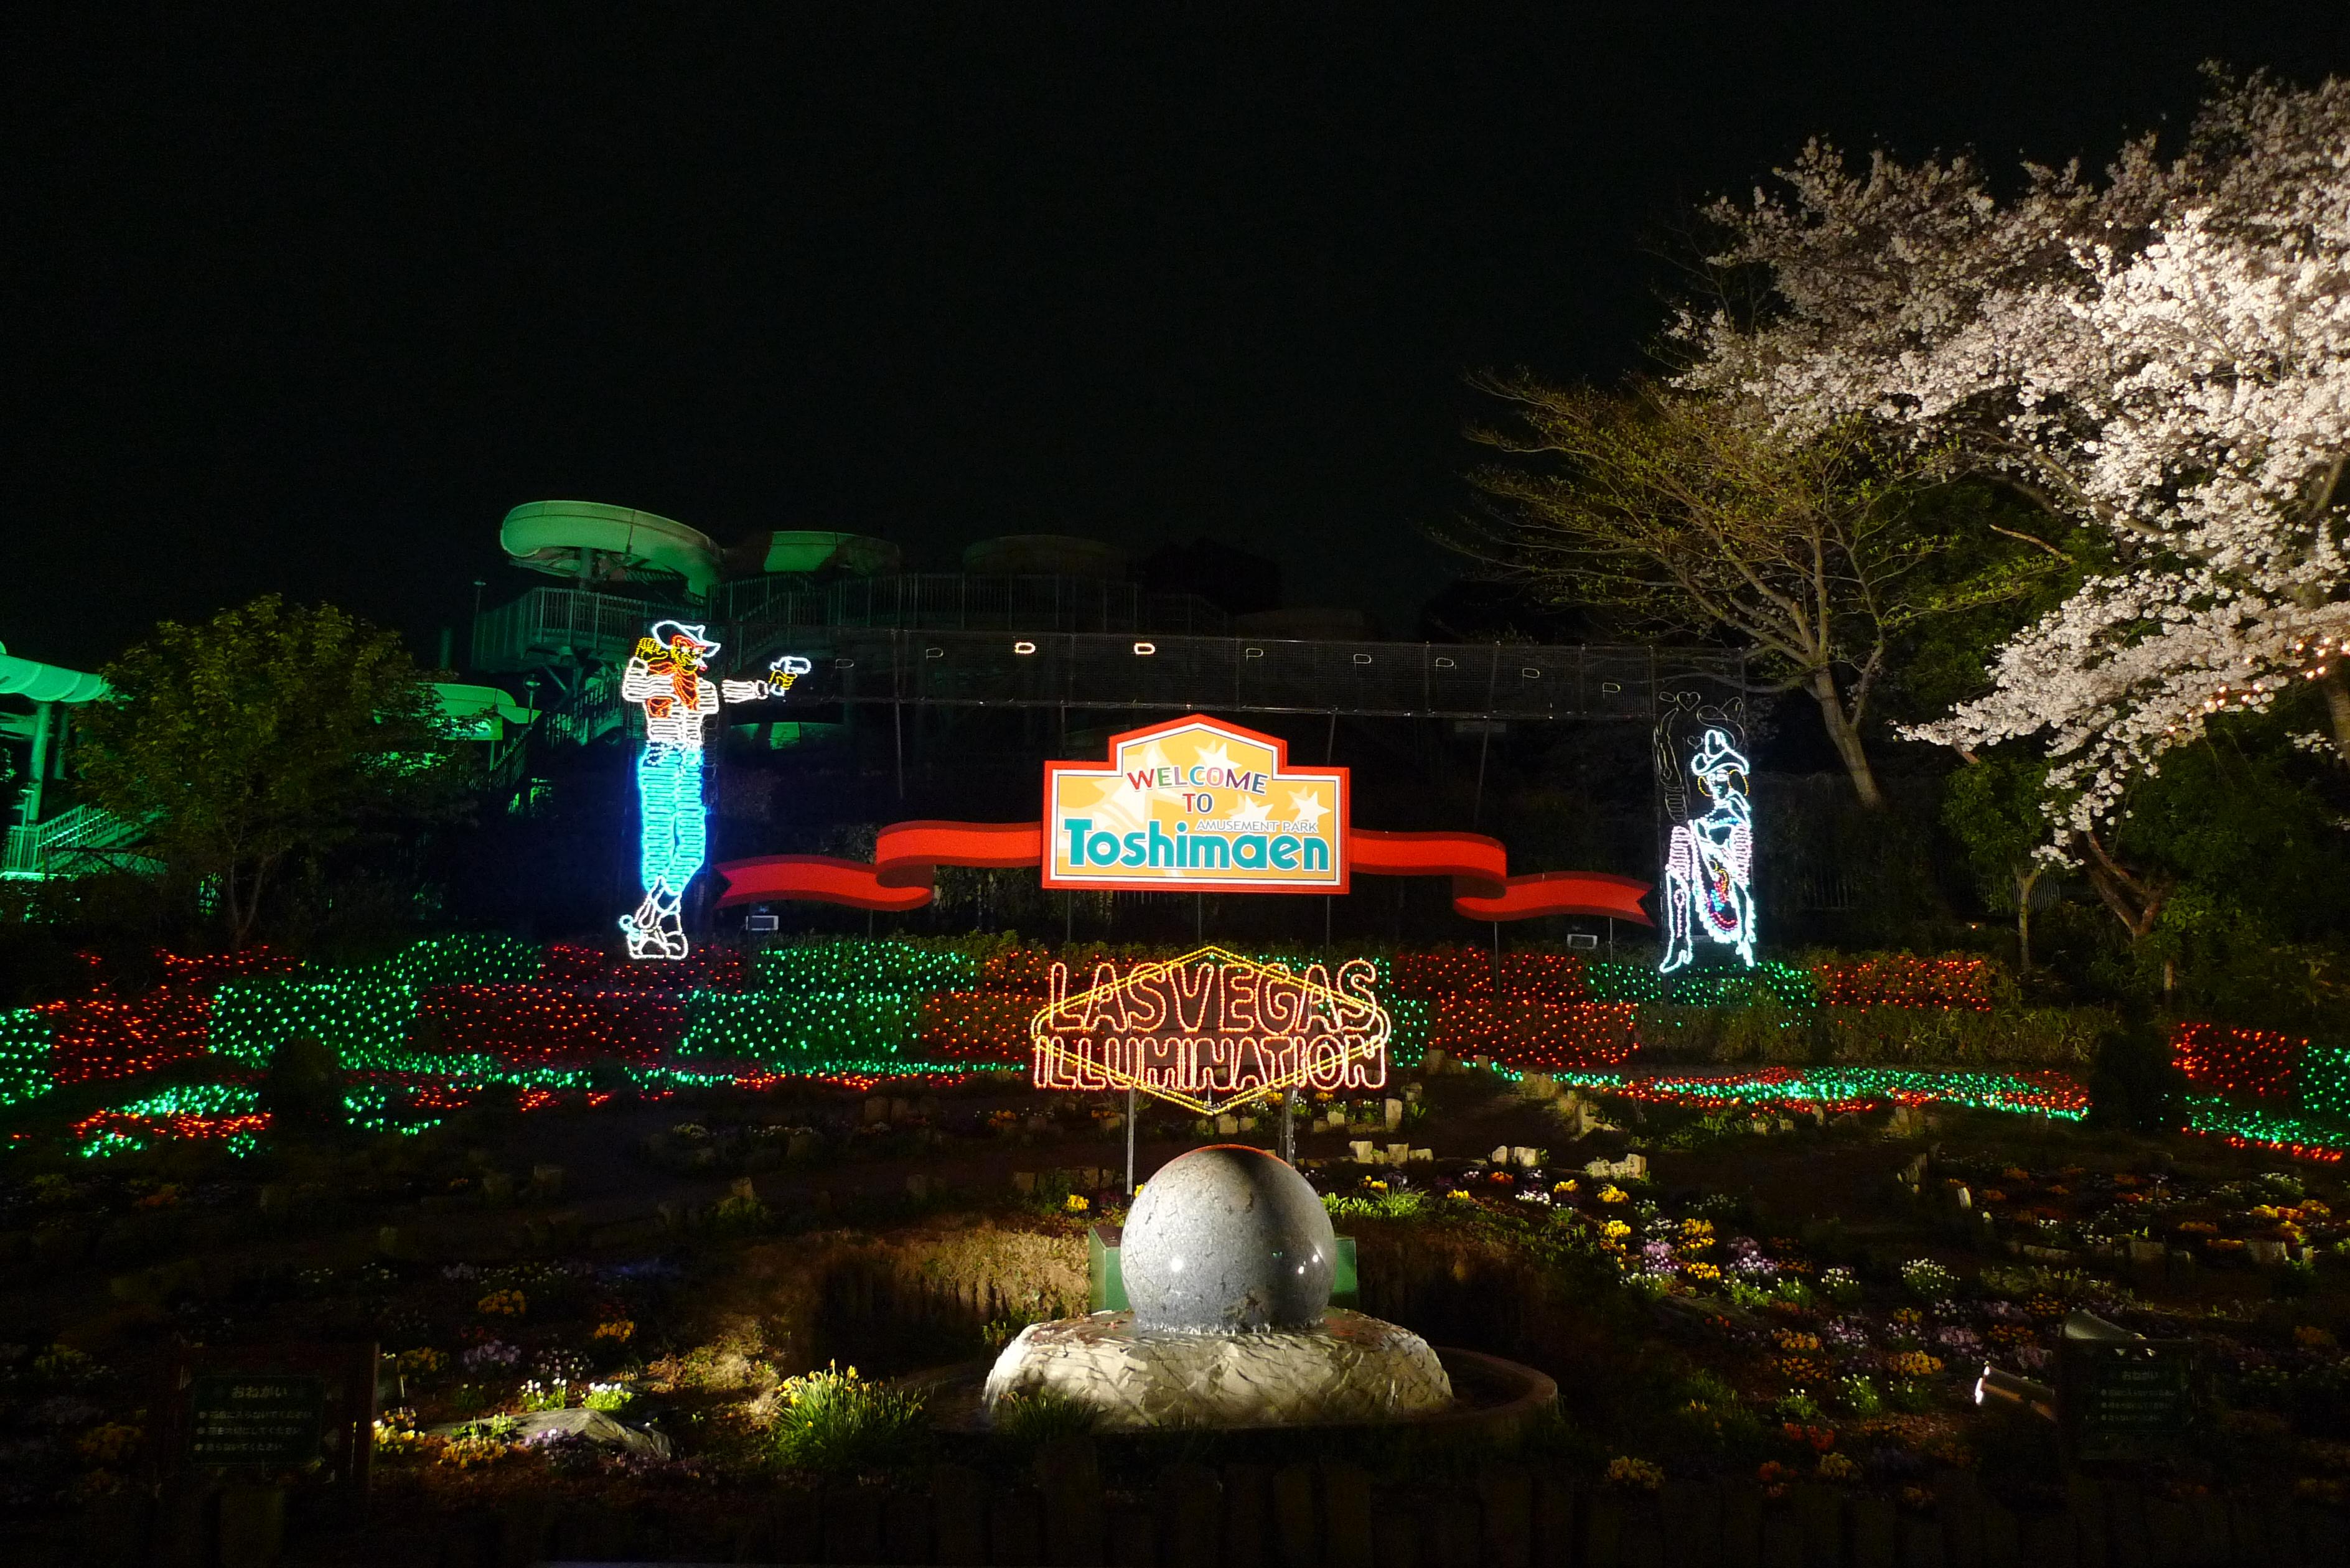 toshimaen illuminations sakura